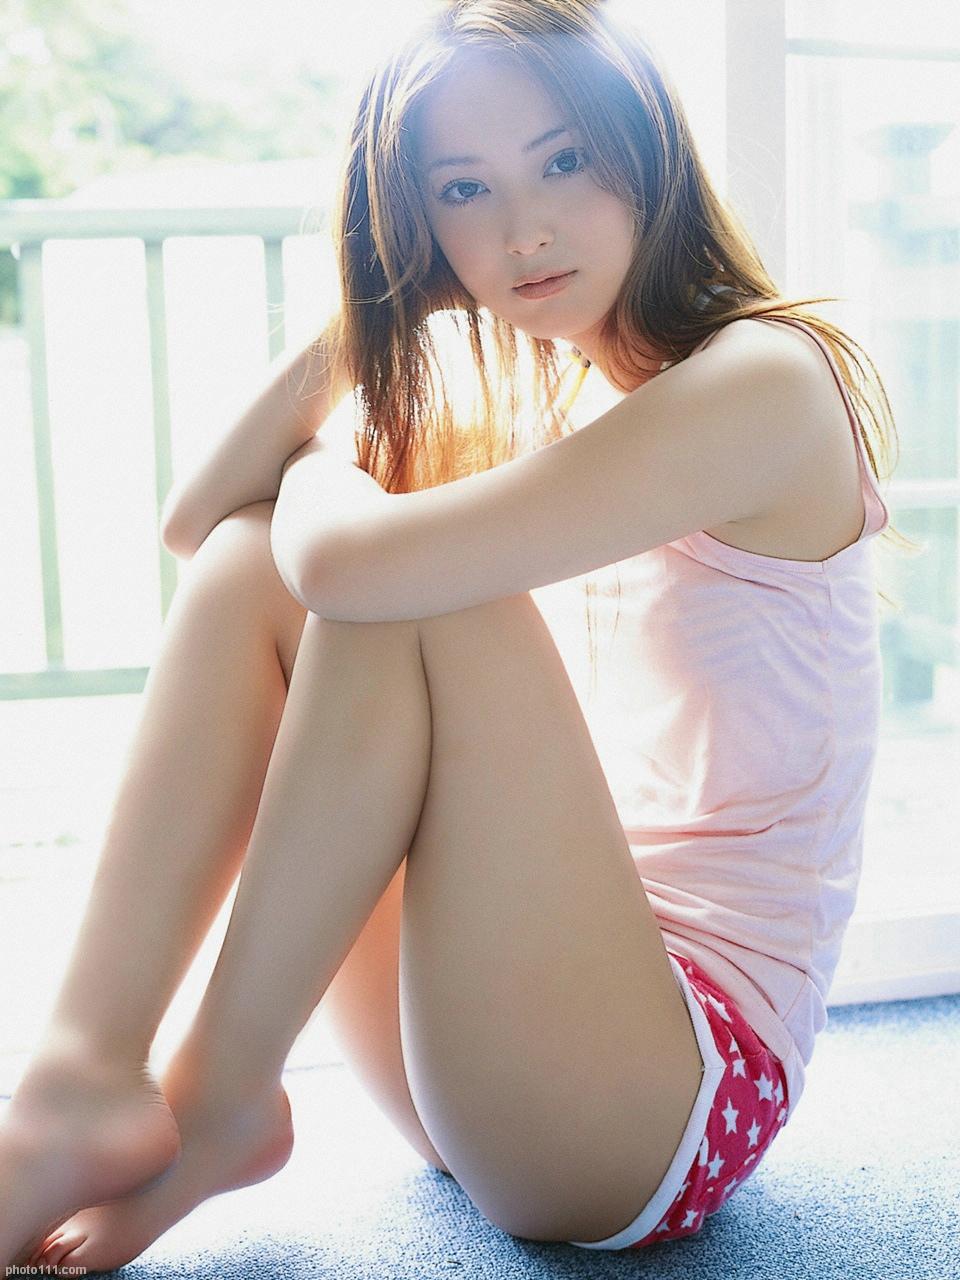 người đẹp - hotgirl - bikini